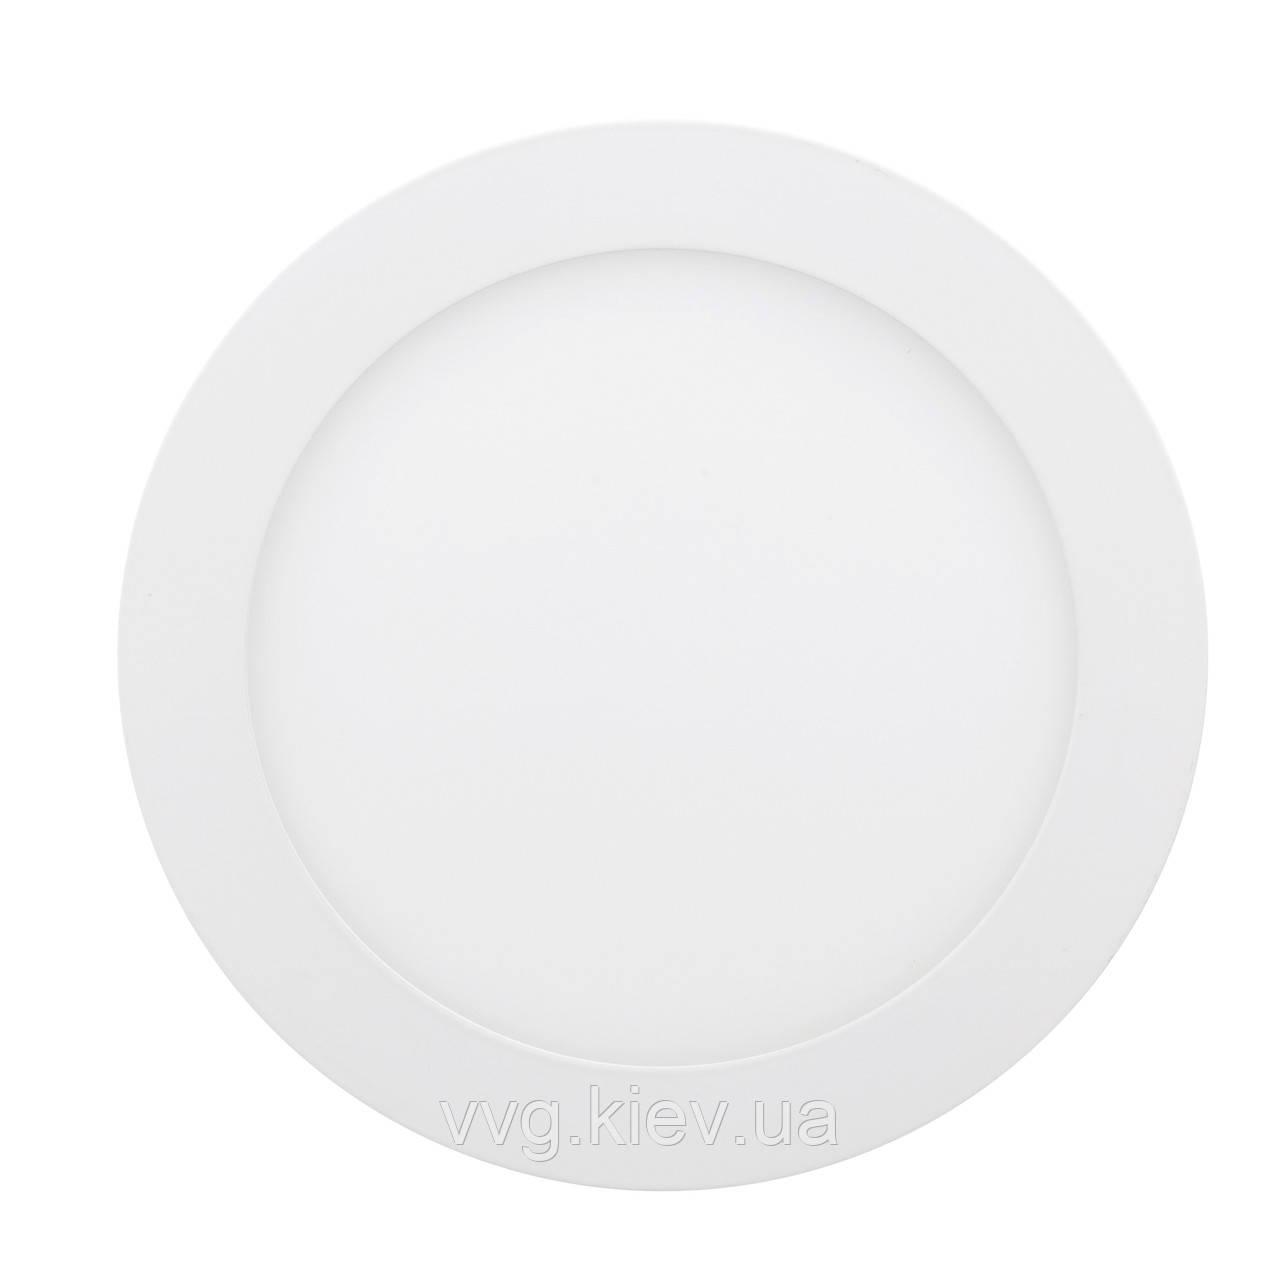 Точечный светильник встраиваемый 12W 6400К LED-R-170-12 ЕВРОСВЕТ